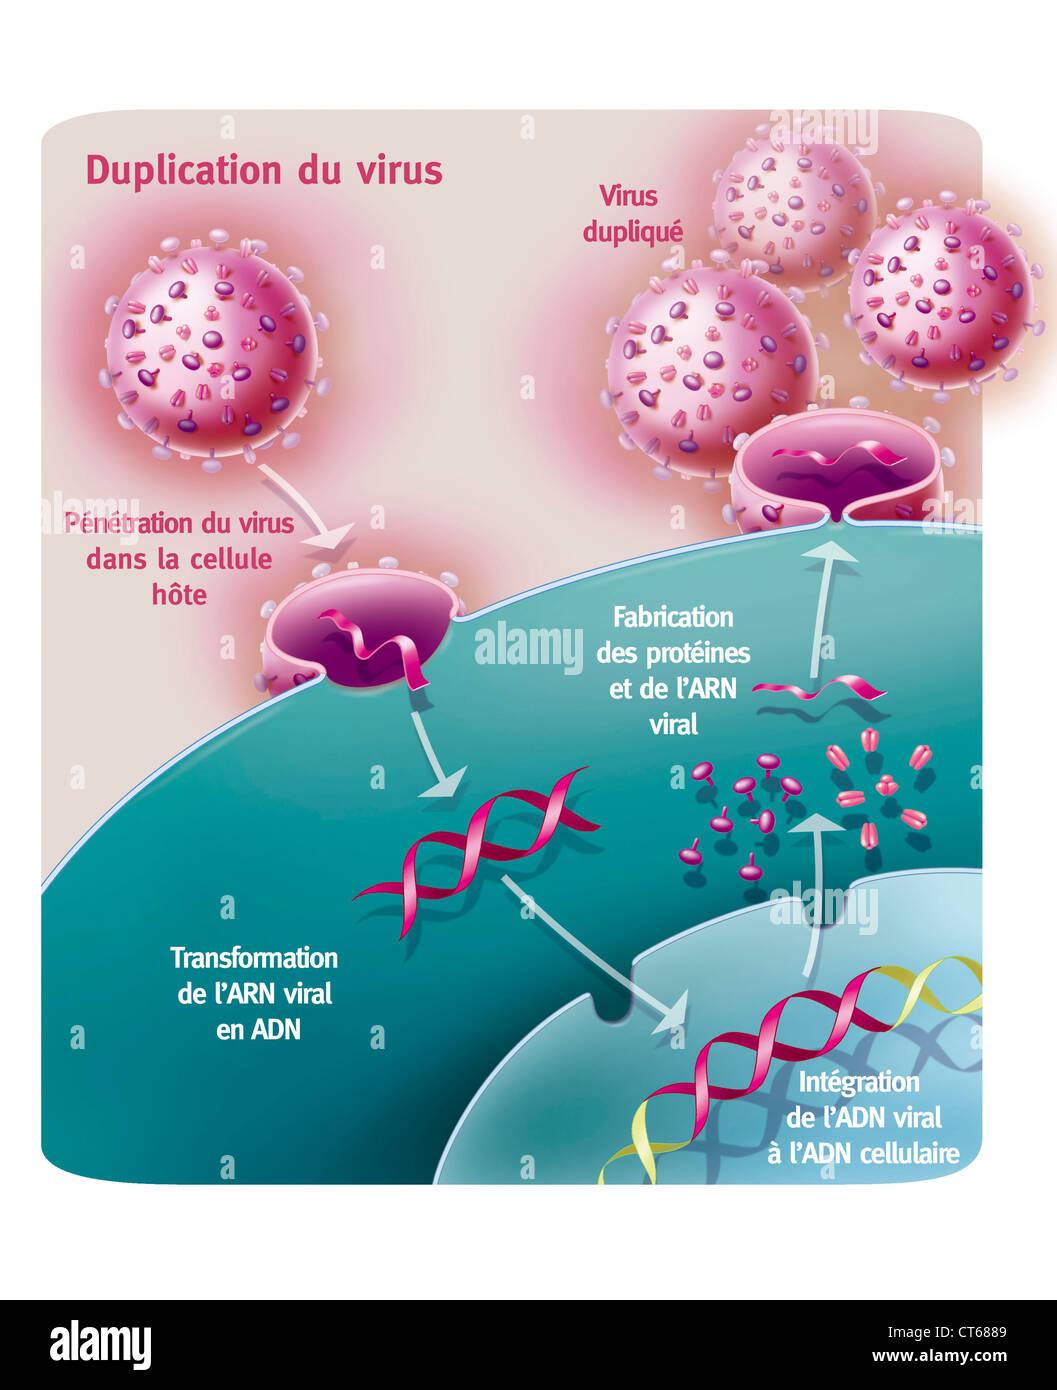 AIDS-VIRUS-INFEKTION, ZEICHNUNG Stockbild